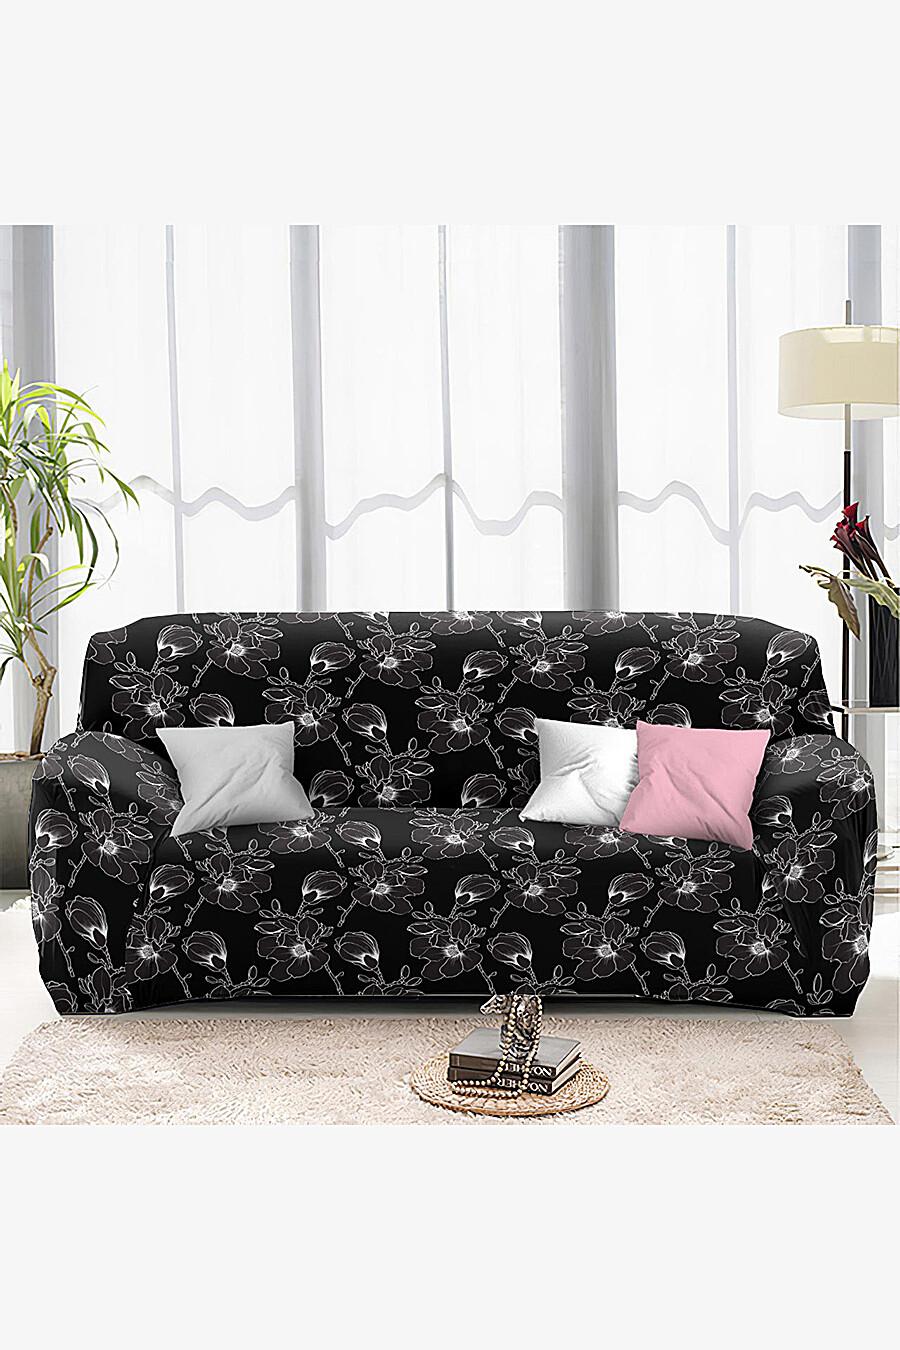 Чехол на диван для дома ART HOME TEXTILE 162888 купить оптом от производителя. Совместная покупка товаров для дома в OptMoyo